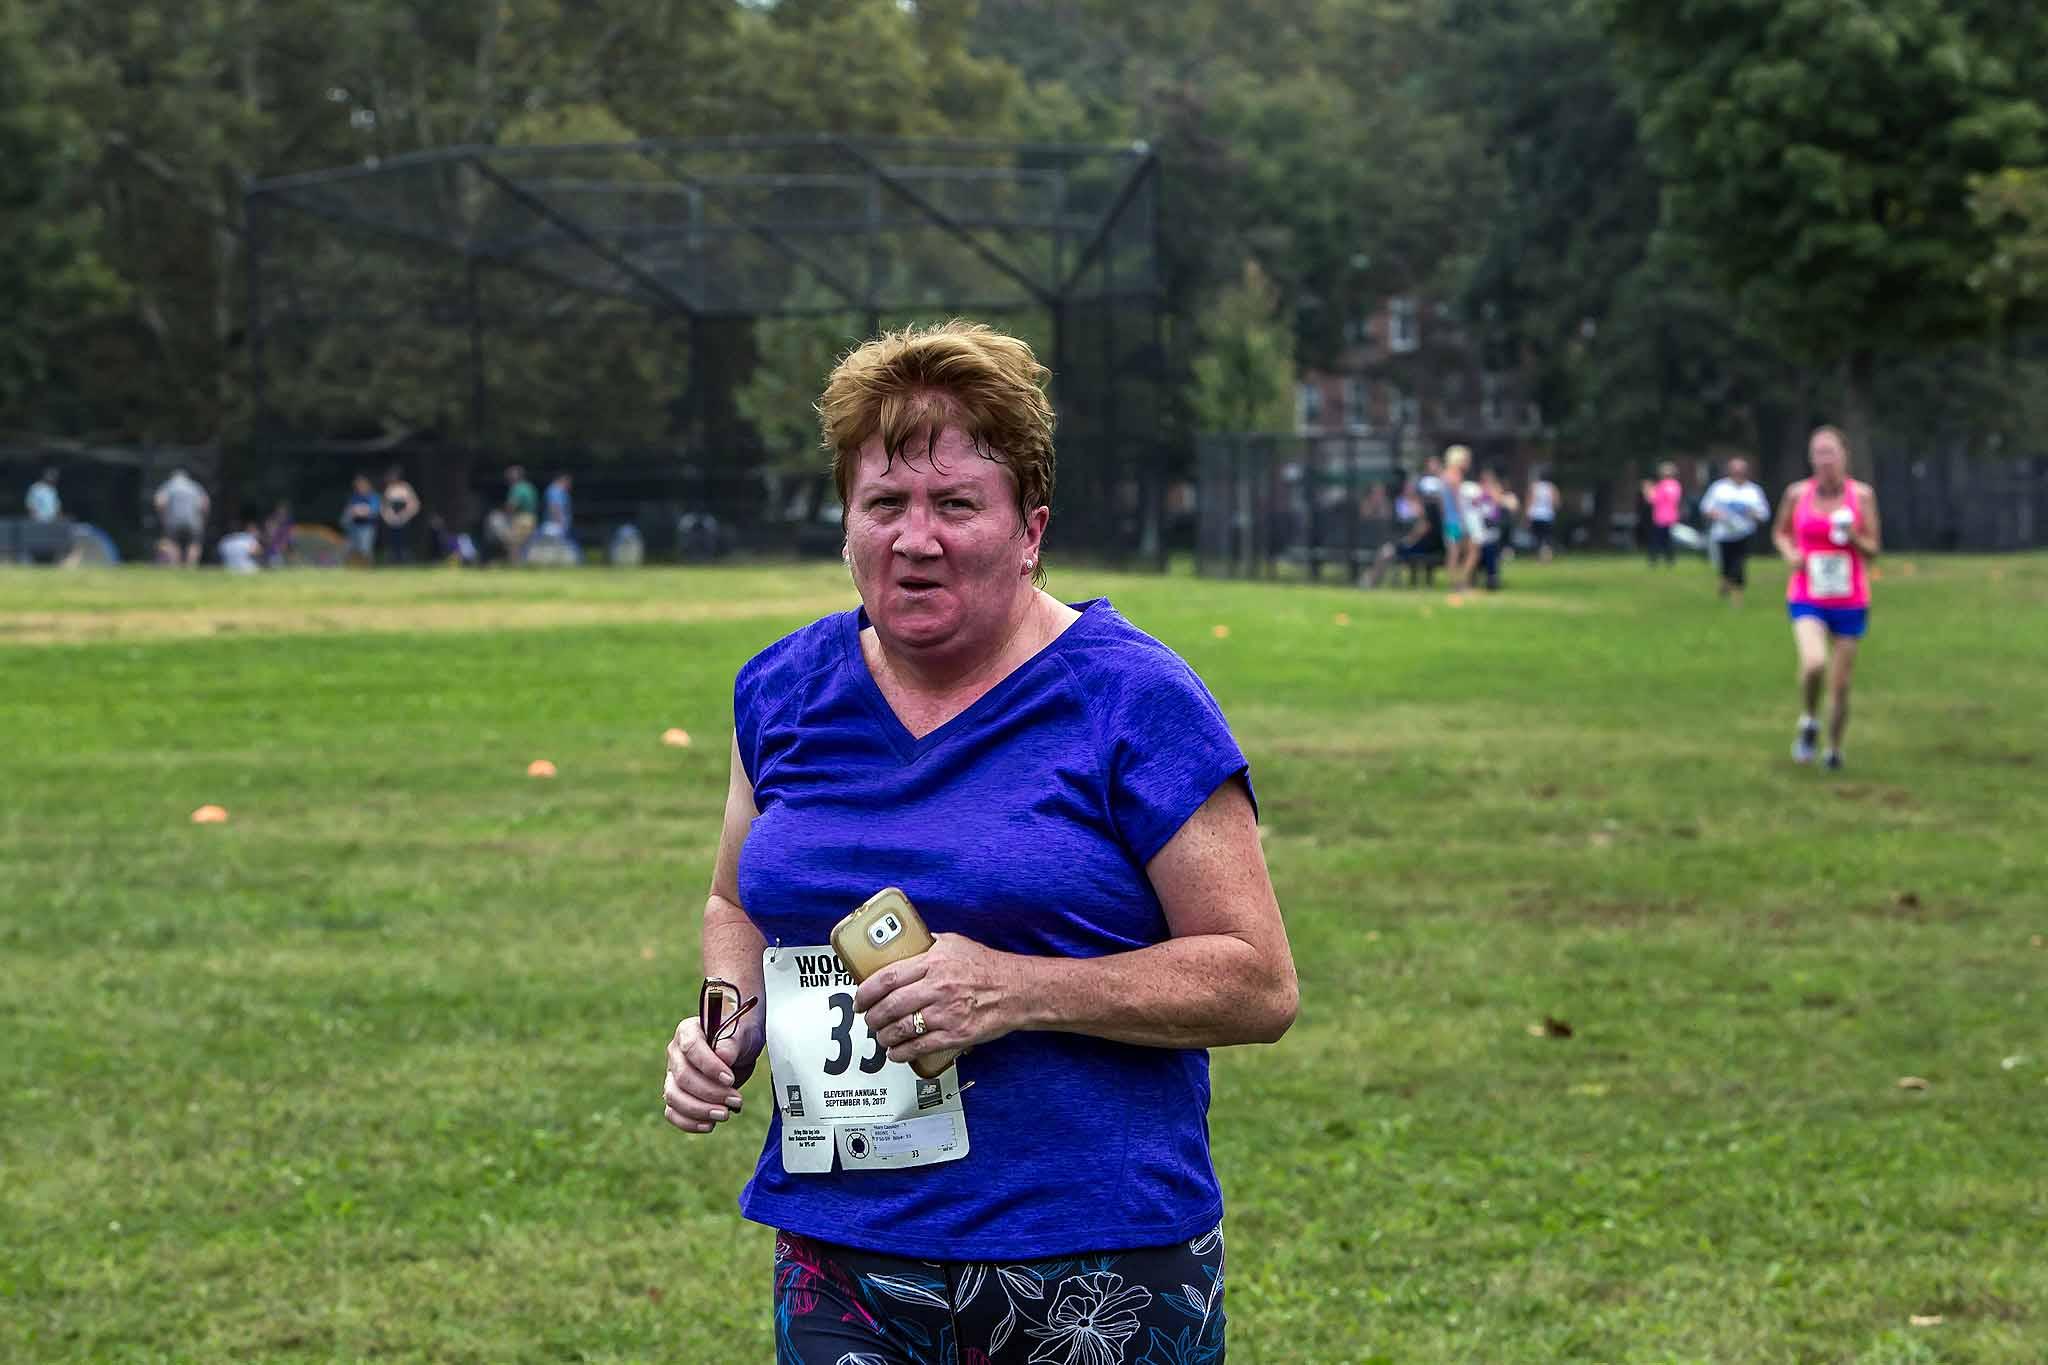 148-Woodlawn Run for a Cause-384.jpg